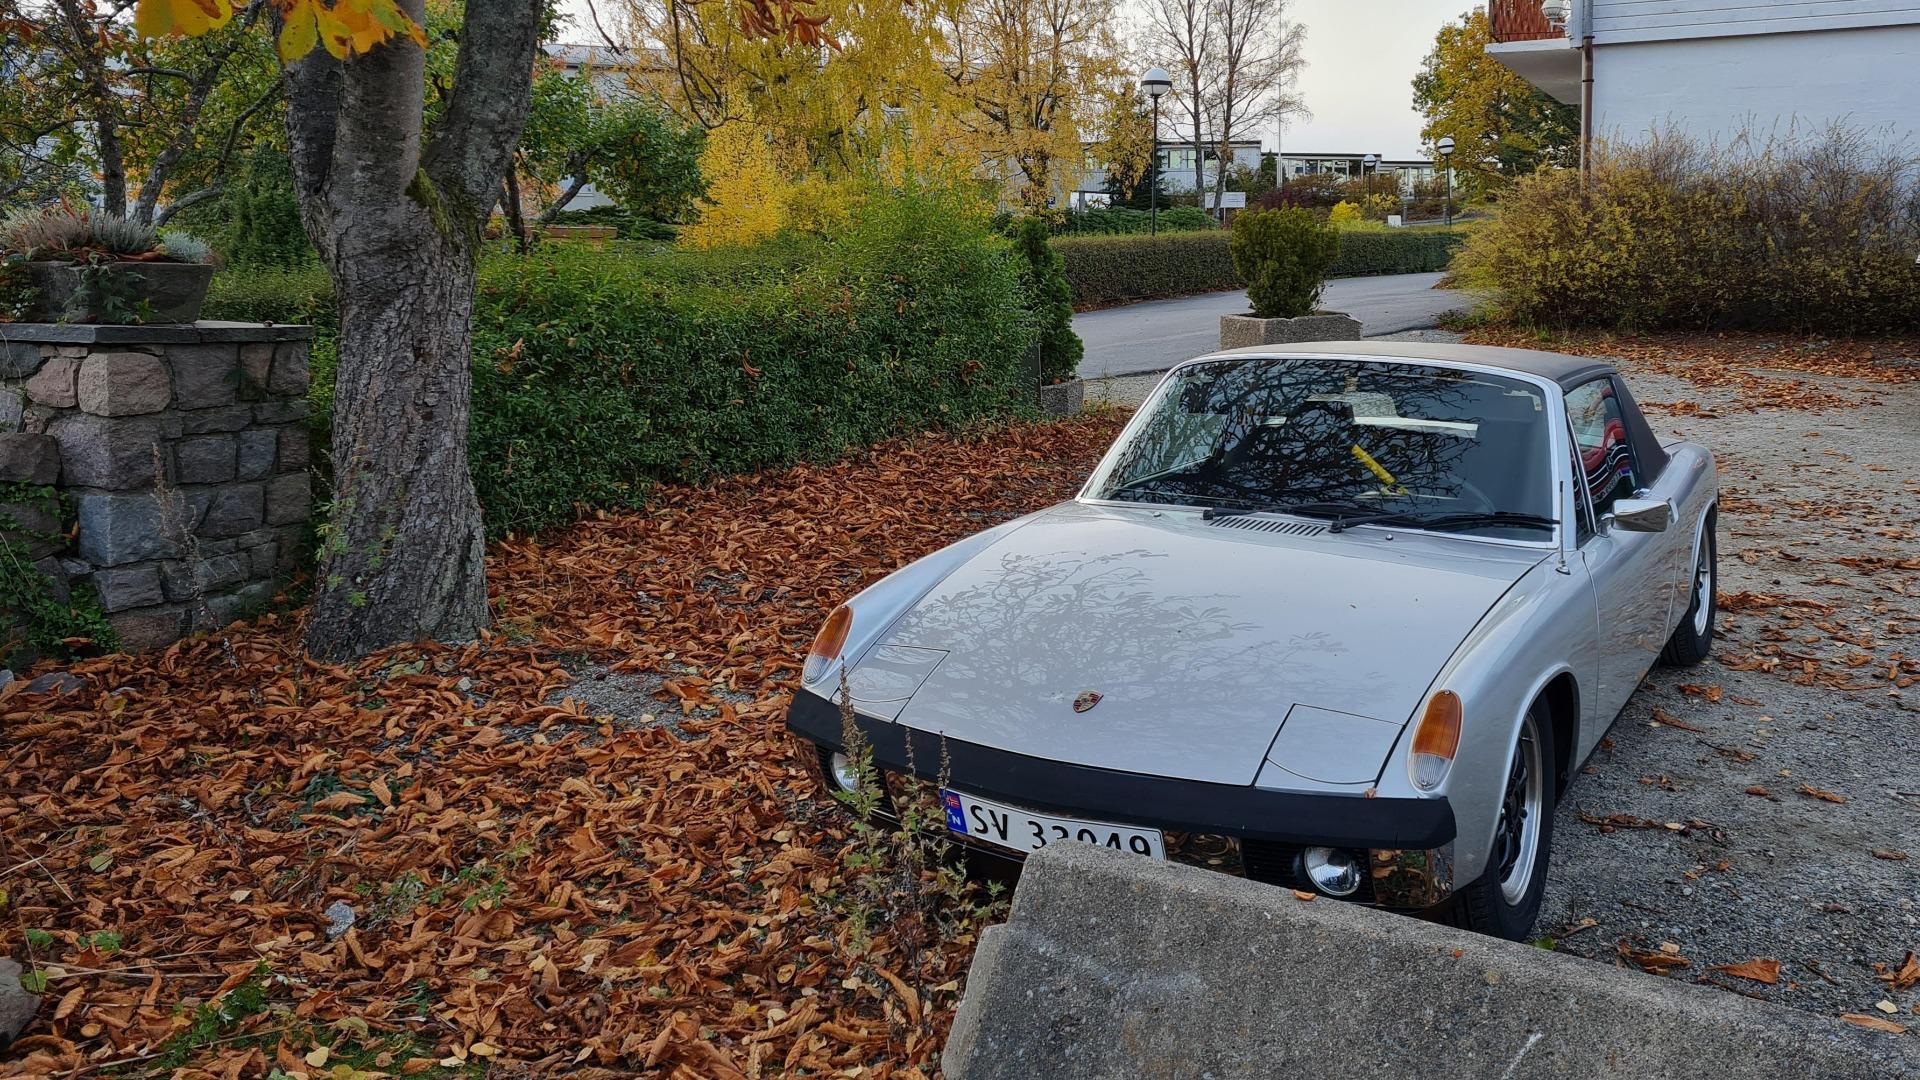 Herlig bil i de flotte høstfargene